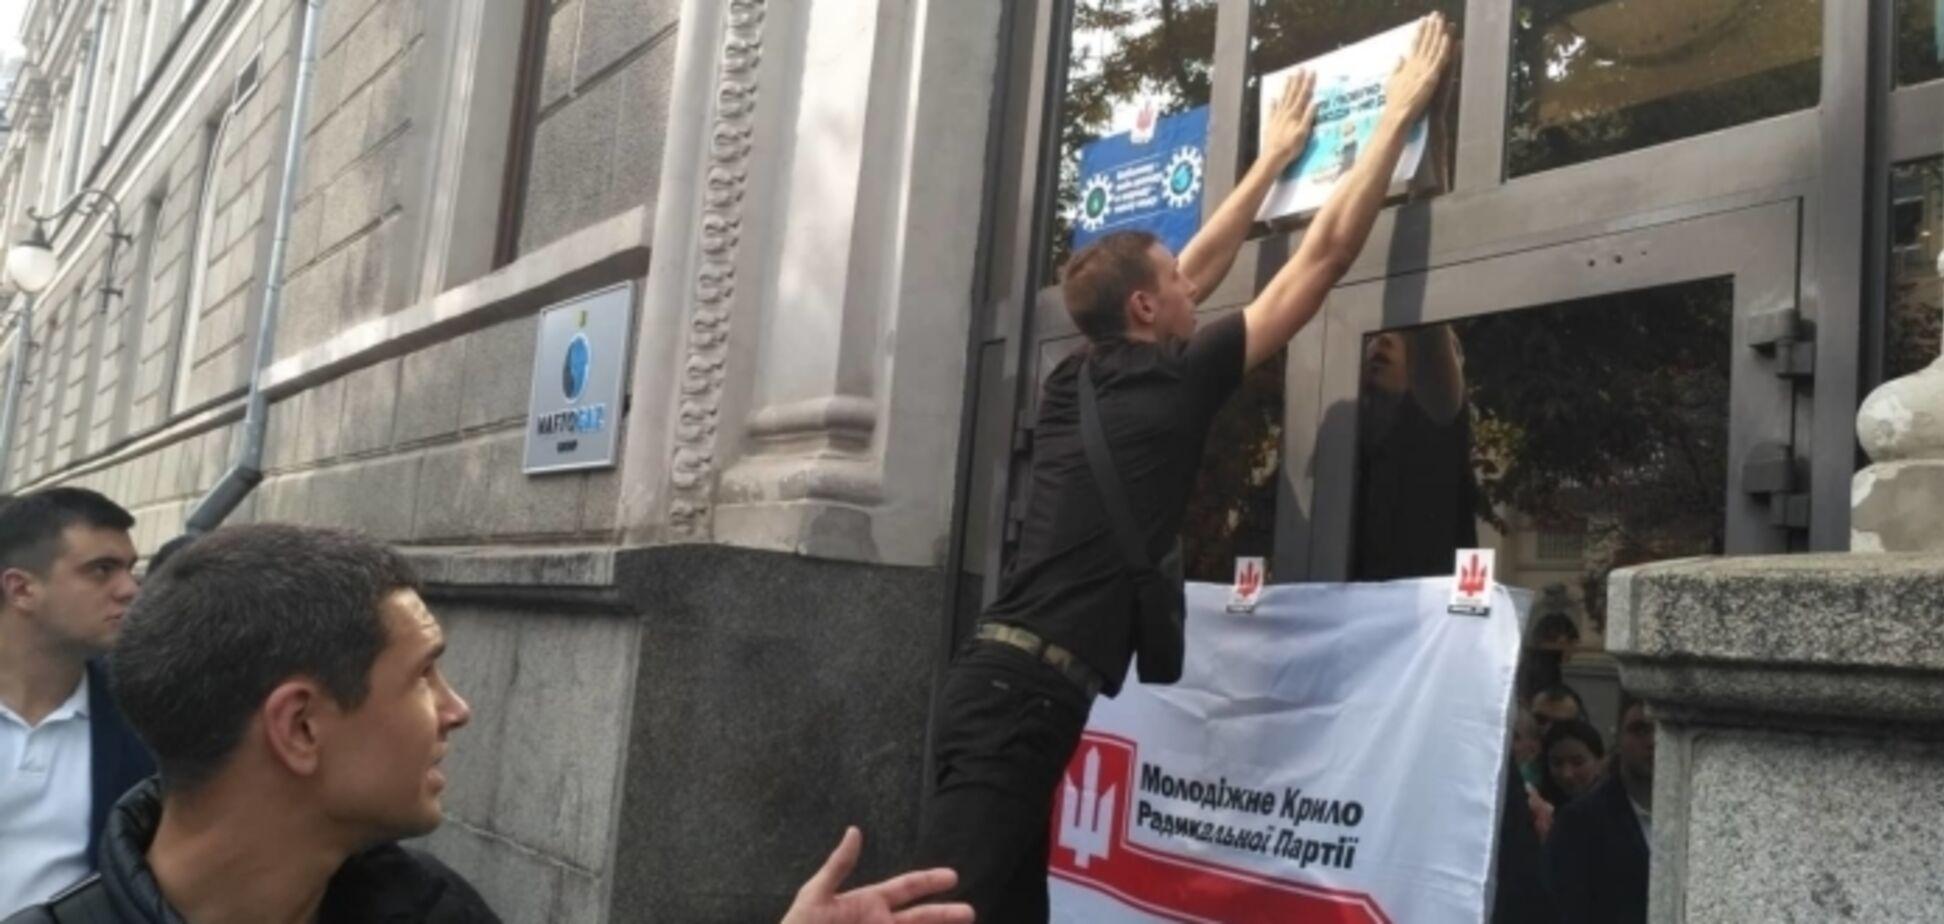 Під офісом 'Нафтогазу' вимагали відставки Коболєва